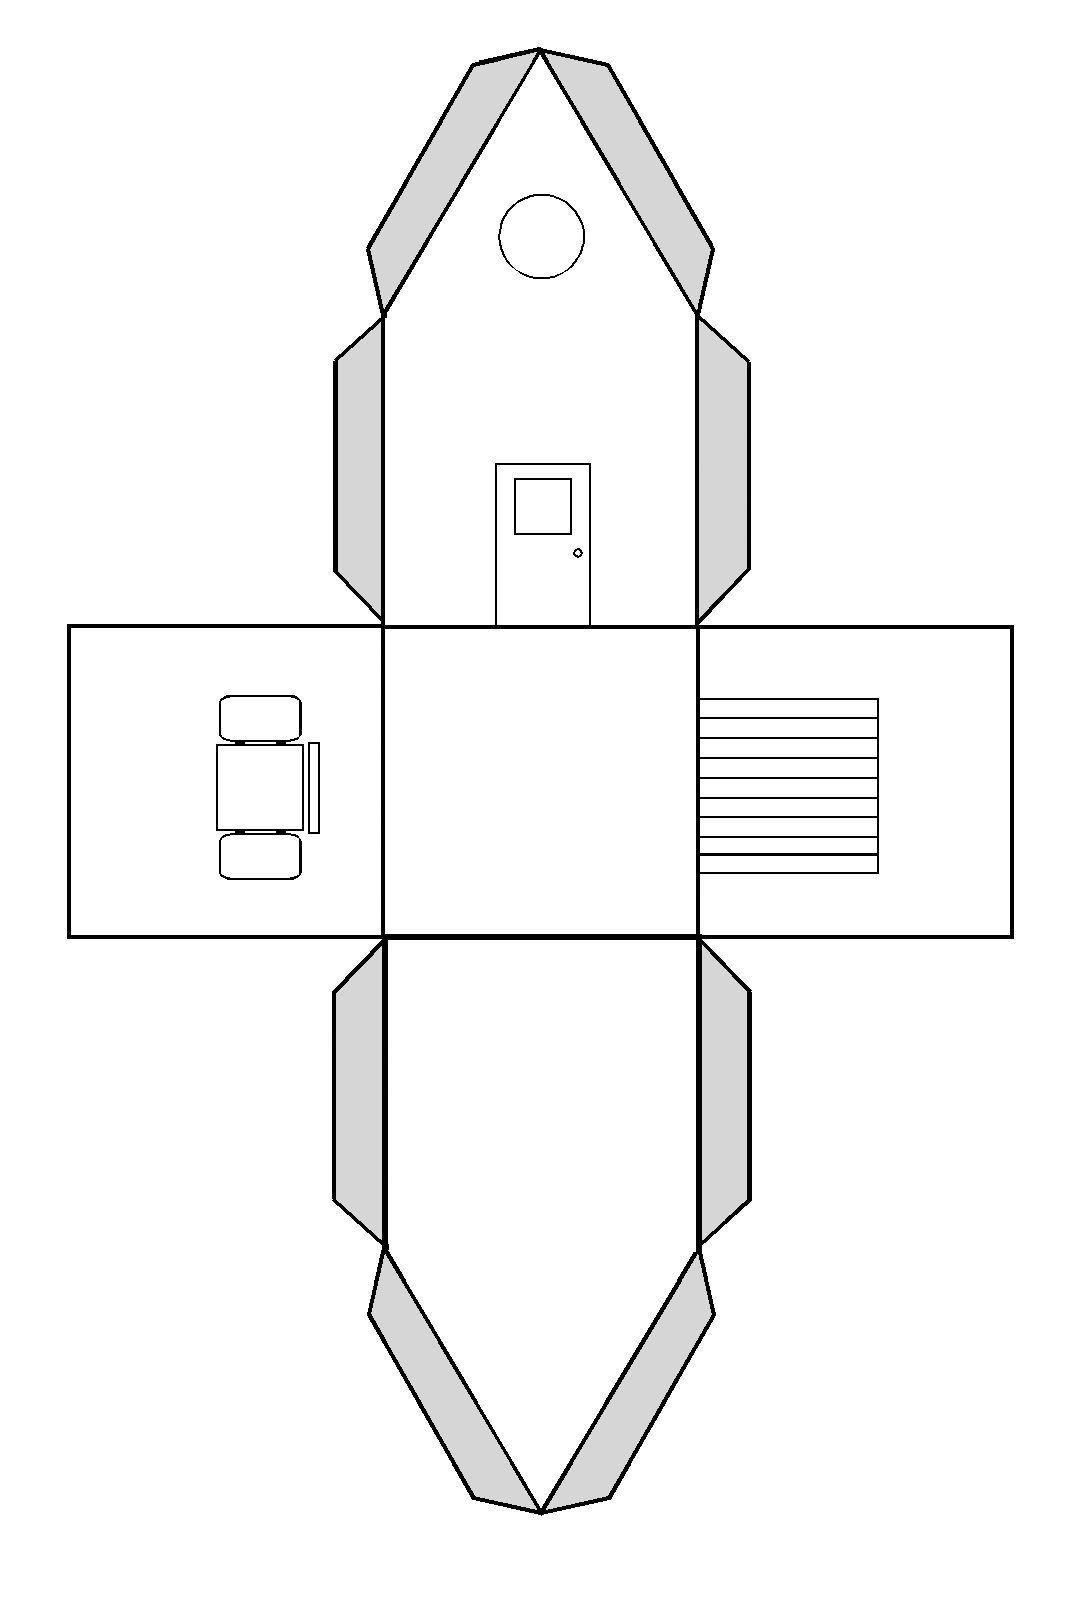 Faire Une Maison En Volume Par Pliage Et Collage (Avec pour Découpage Collage Maternelle À Imprimer